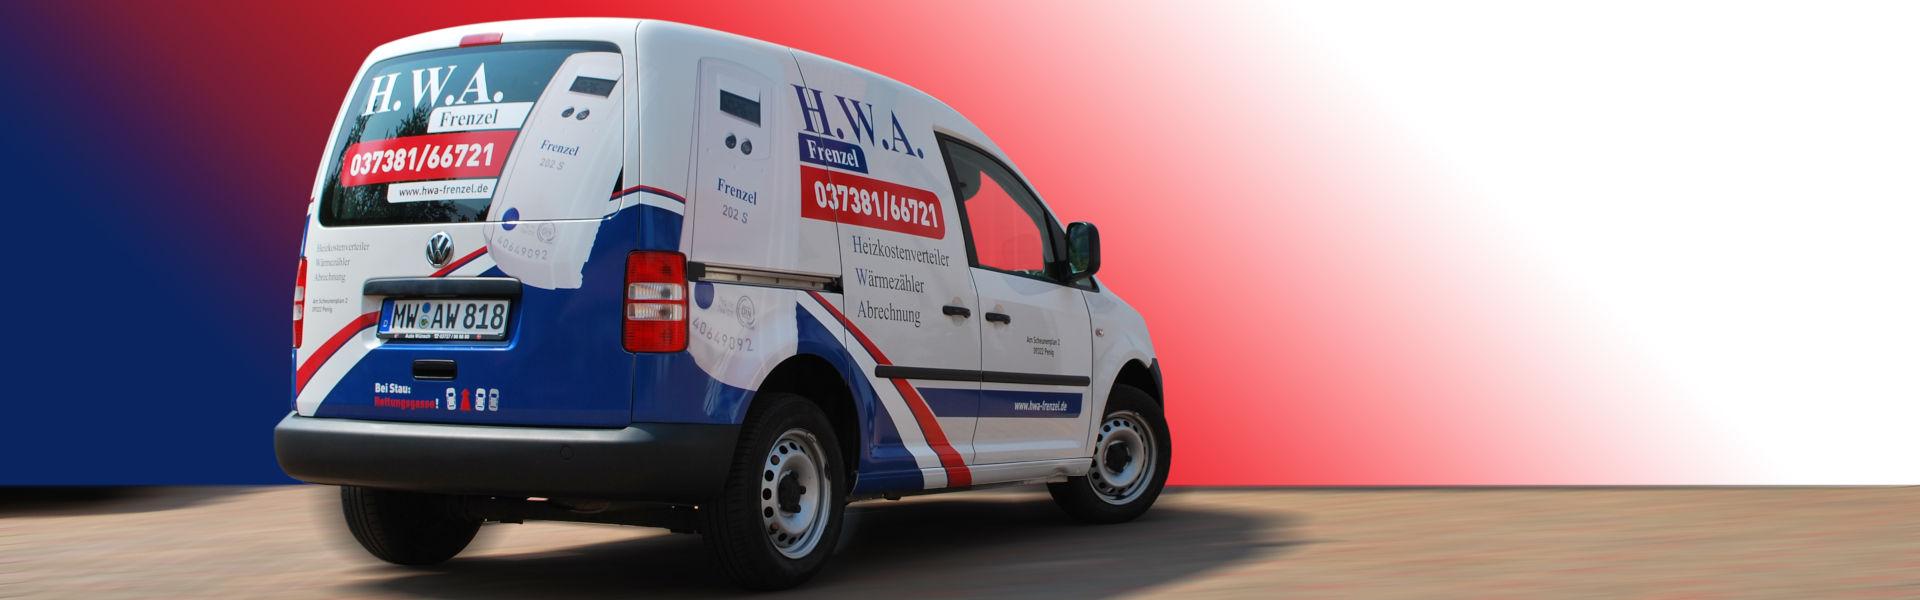 Das HWA-Frenzel Firmenauto vor einem Hintergrund in den Unternehmensfarben Rot, Blau und Weiß.